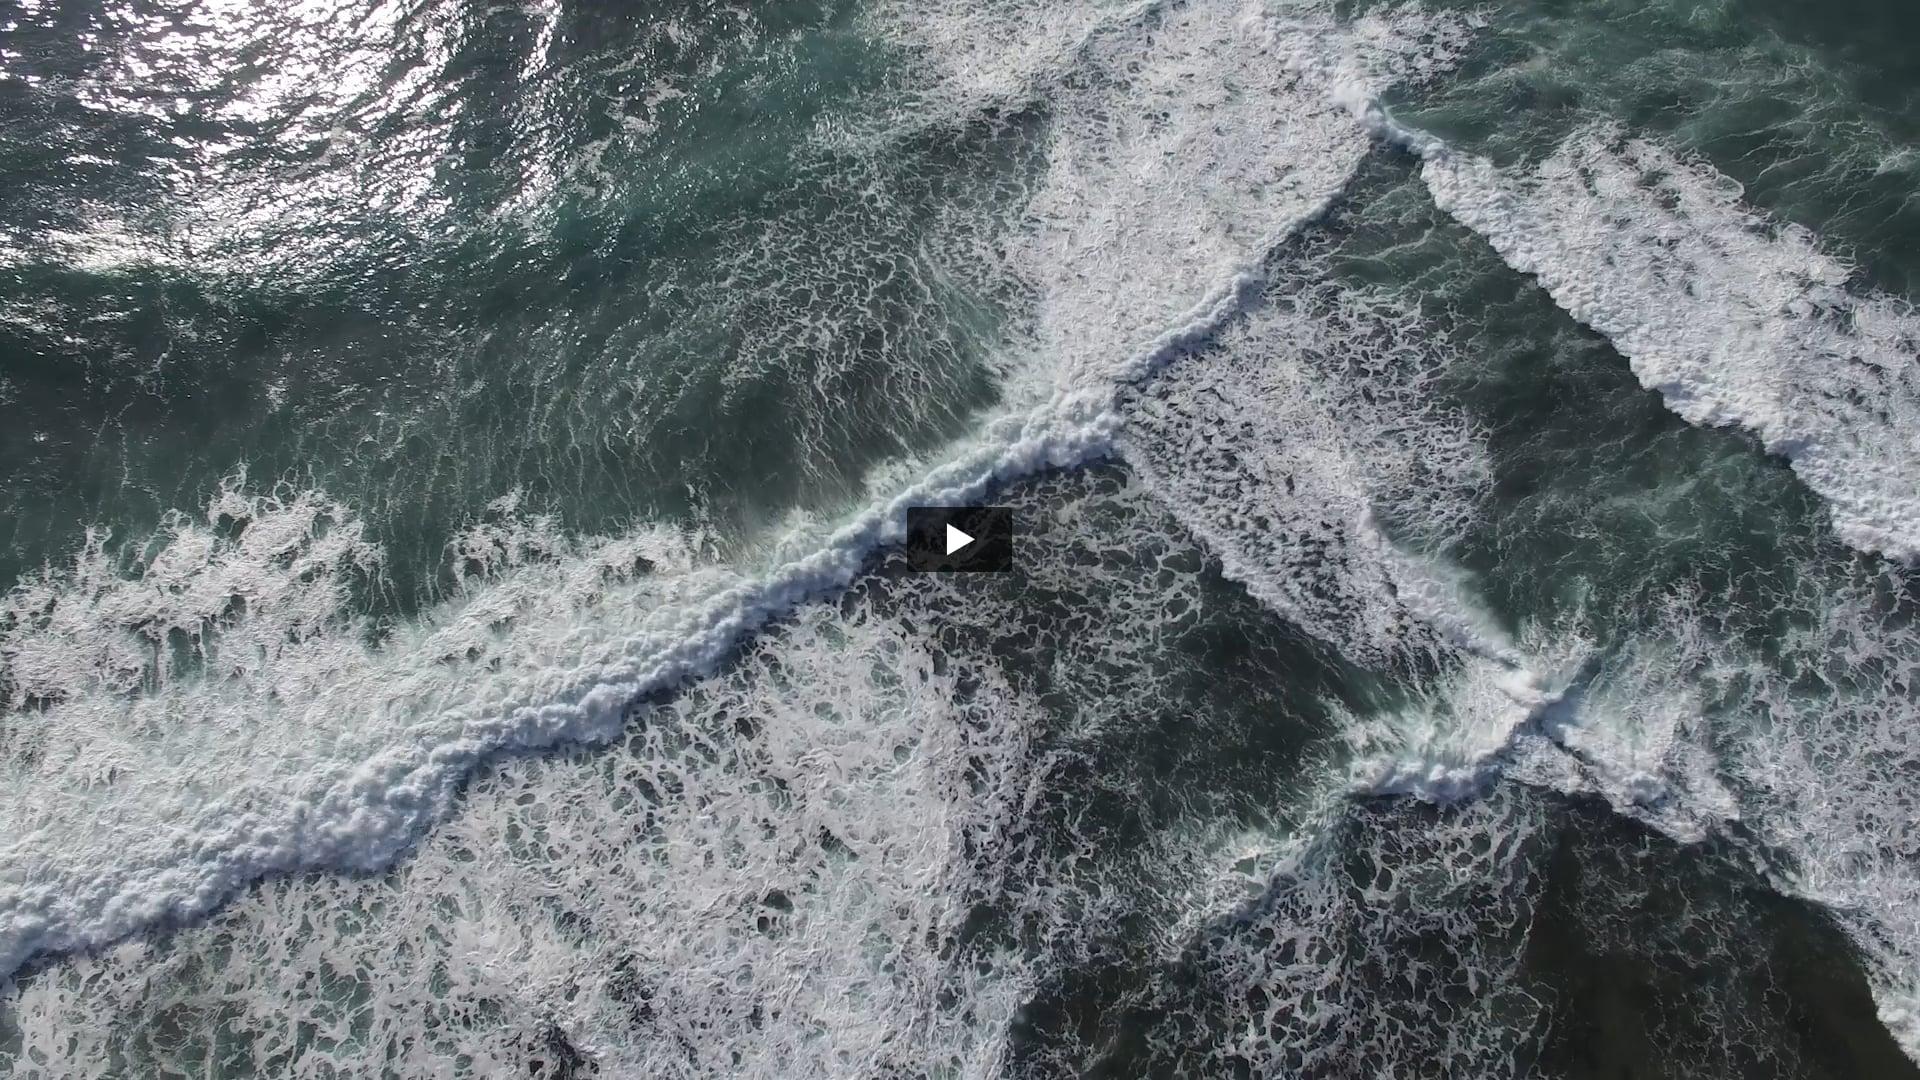 La Spiaggia, Aquabumps artwork installation at Icebergs